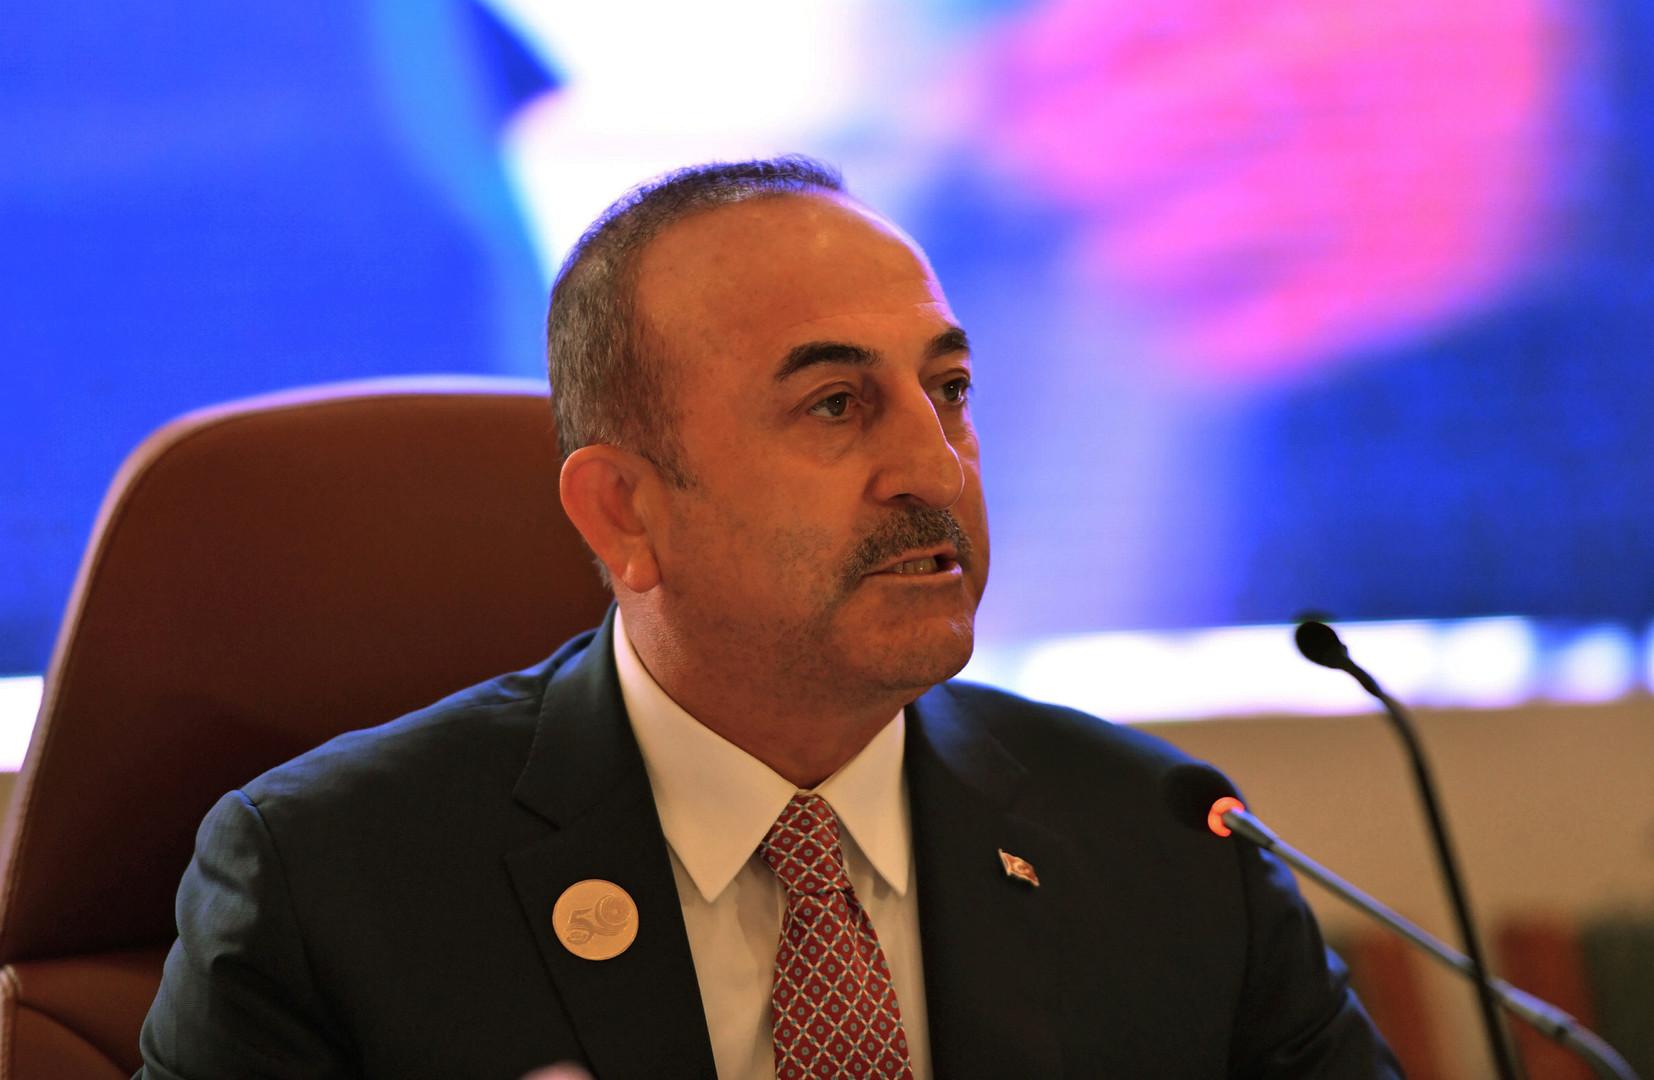 أنقرة: قد نزيد نشاطنا شرق المتوسط إذا اتخذت أي خطوة أوروبية ضدنا